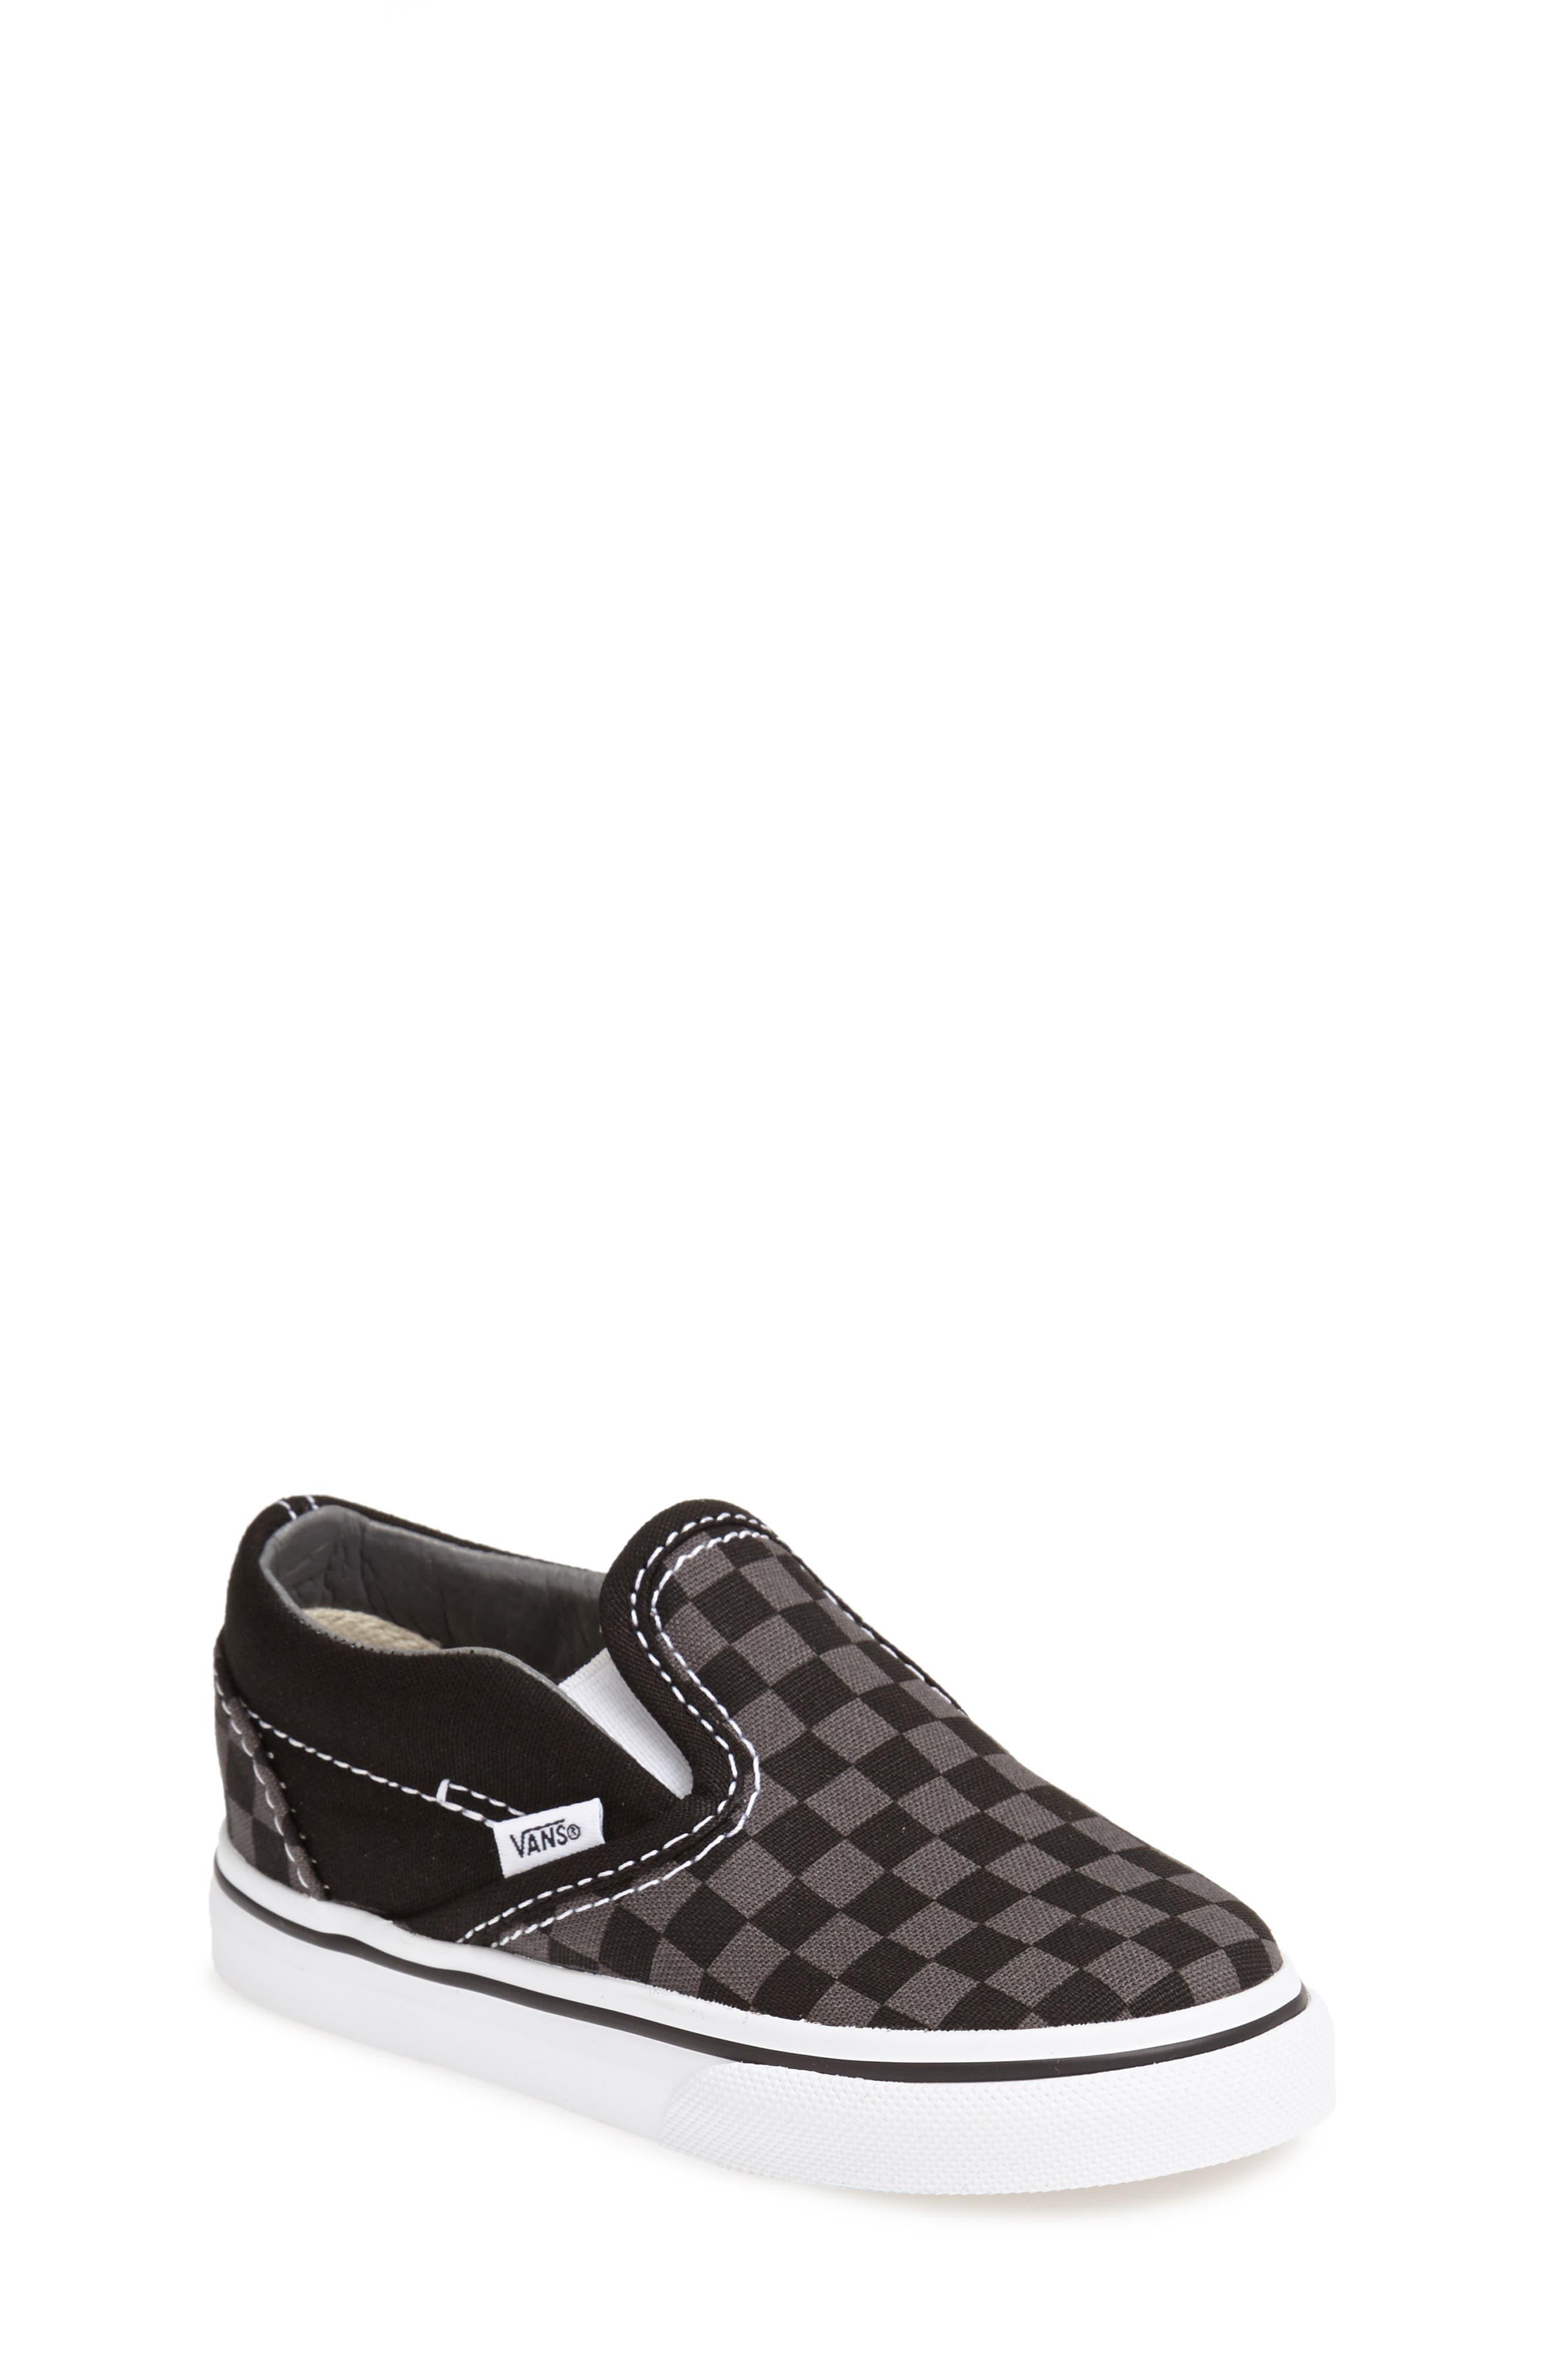 Classic Checker Slip-On, Main, color, CHECKERBOARD/ WHITE/ BLACK